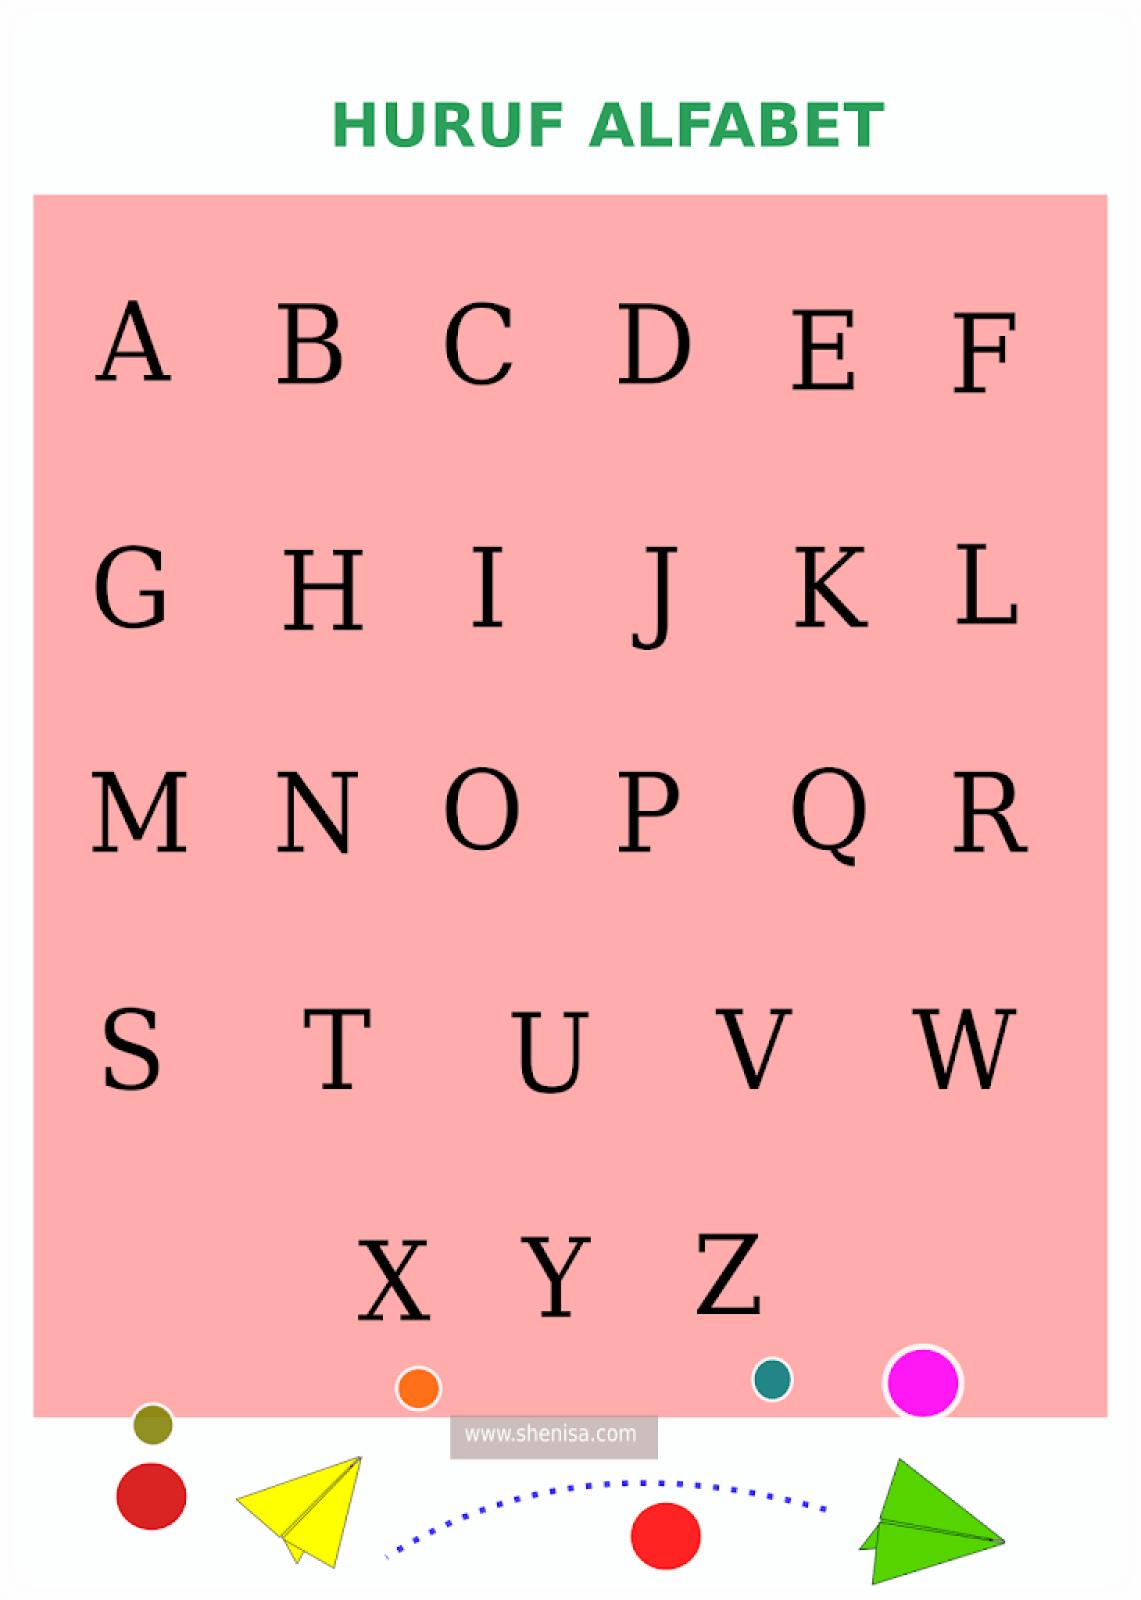 Materi Homeschooling Poster Edukasi Alfabel A Z She Nisa